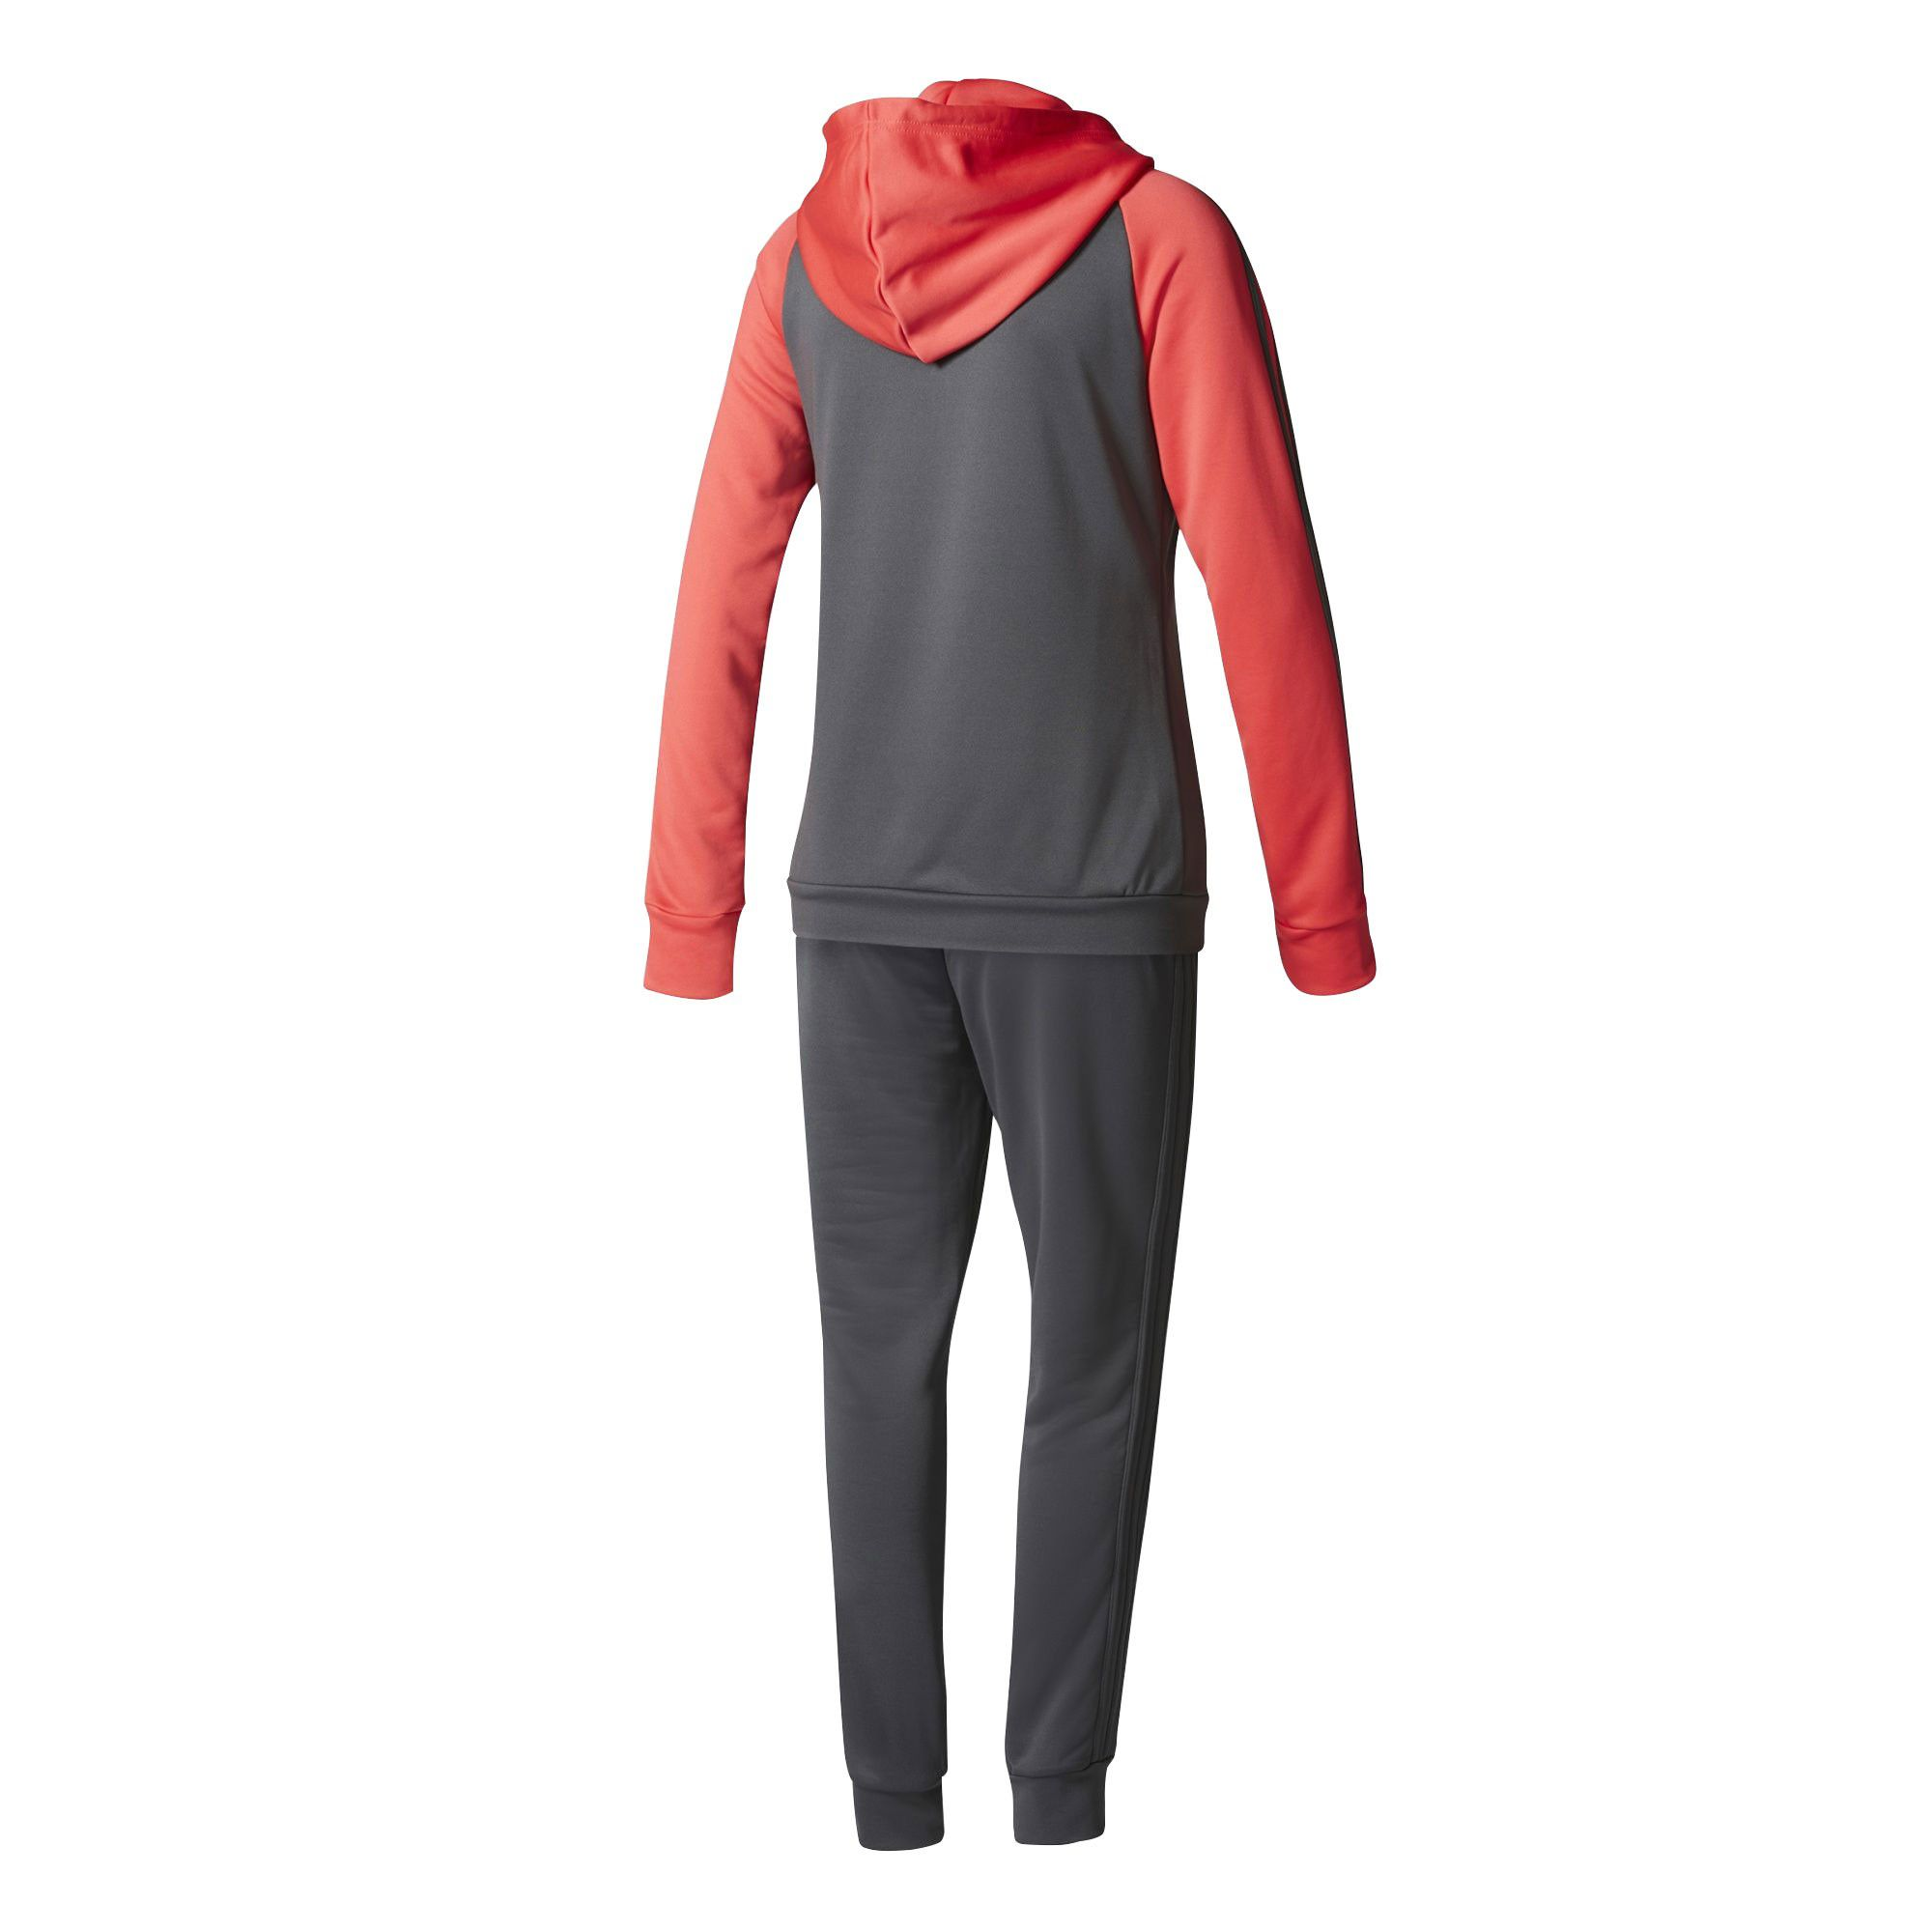 Agasalho Adidas Re-Focus Feminino